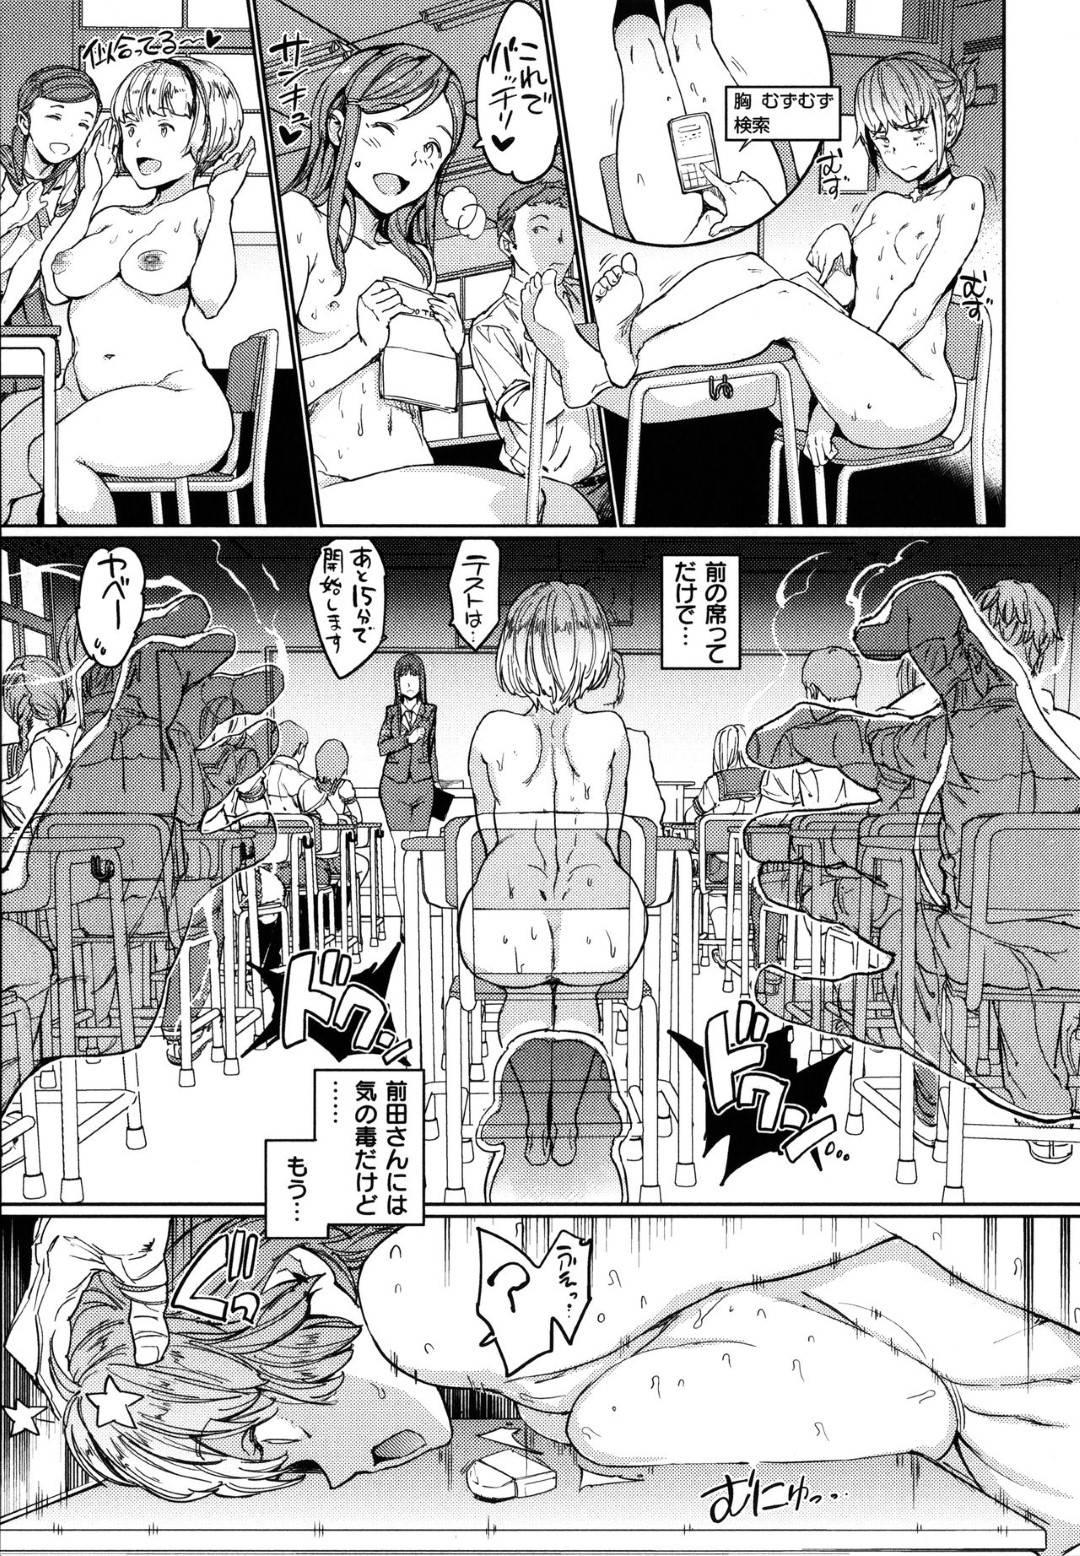 【エロ漫画】隣の席の男子からは裸に見えているJKたち…透視と触る能力を堪能していた男子生徒は悪戯し放題!チンポが我慢できなくなり目の前の席のぽっちゃり女子にテスト中チンポを挿入!【mogg】